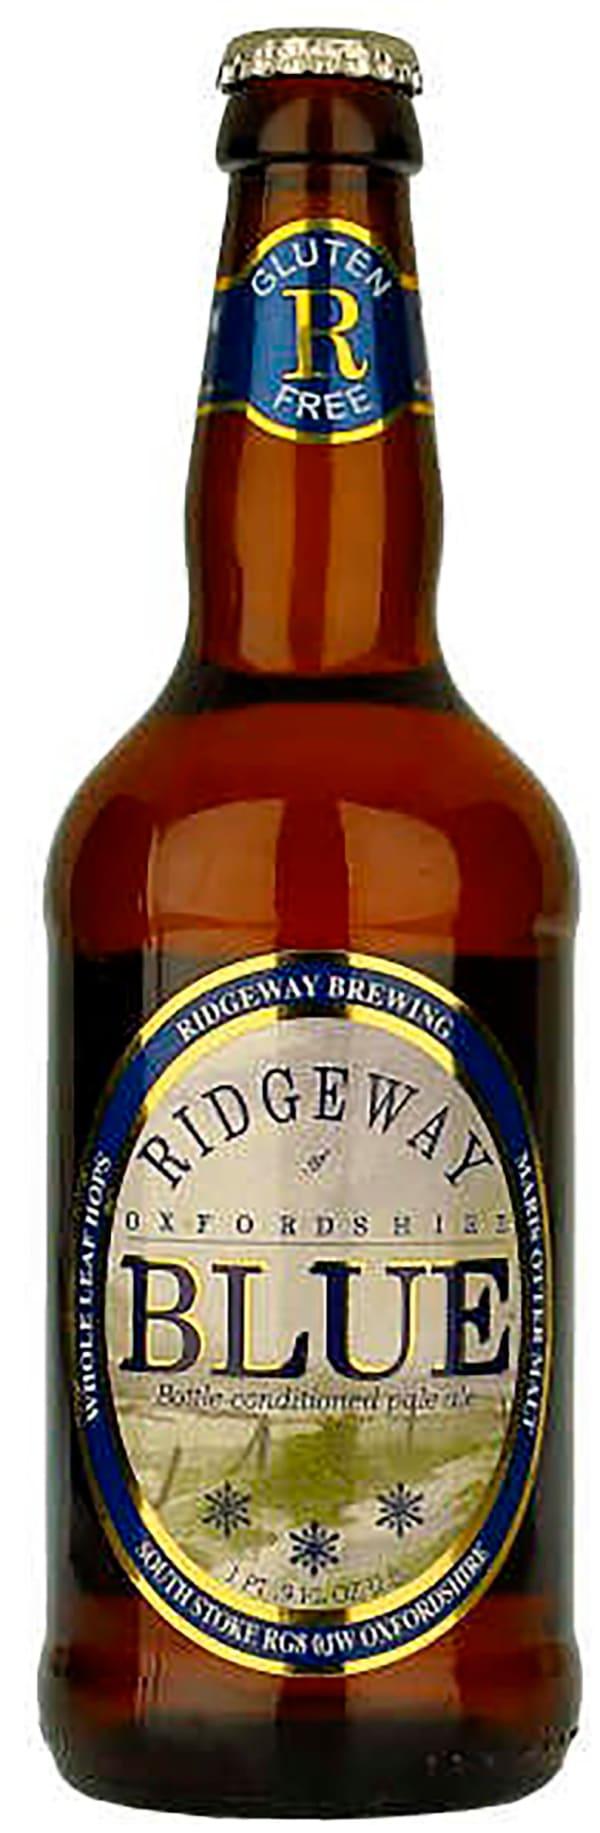 Ridgeway Blue Pale Ale Gluten Free